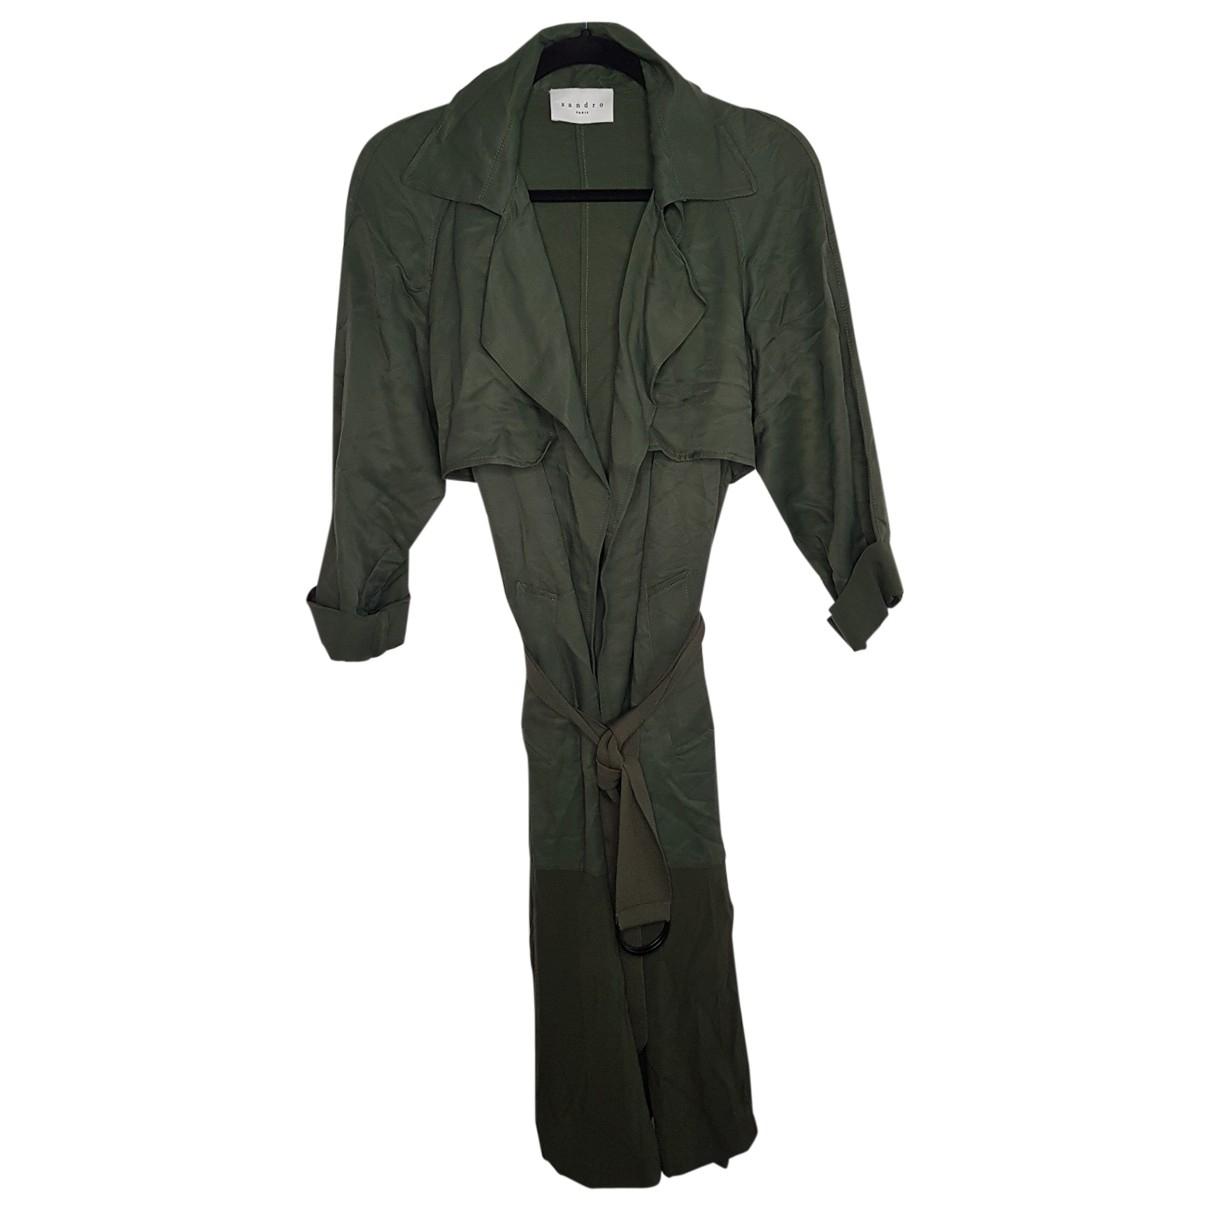 Sandro \N Khaki coat for Women 36 FR